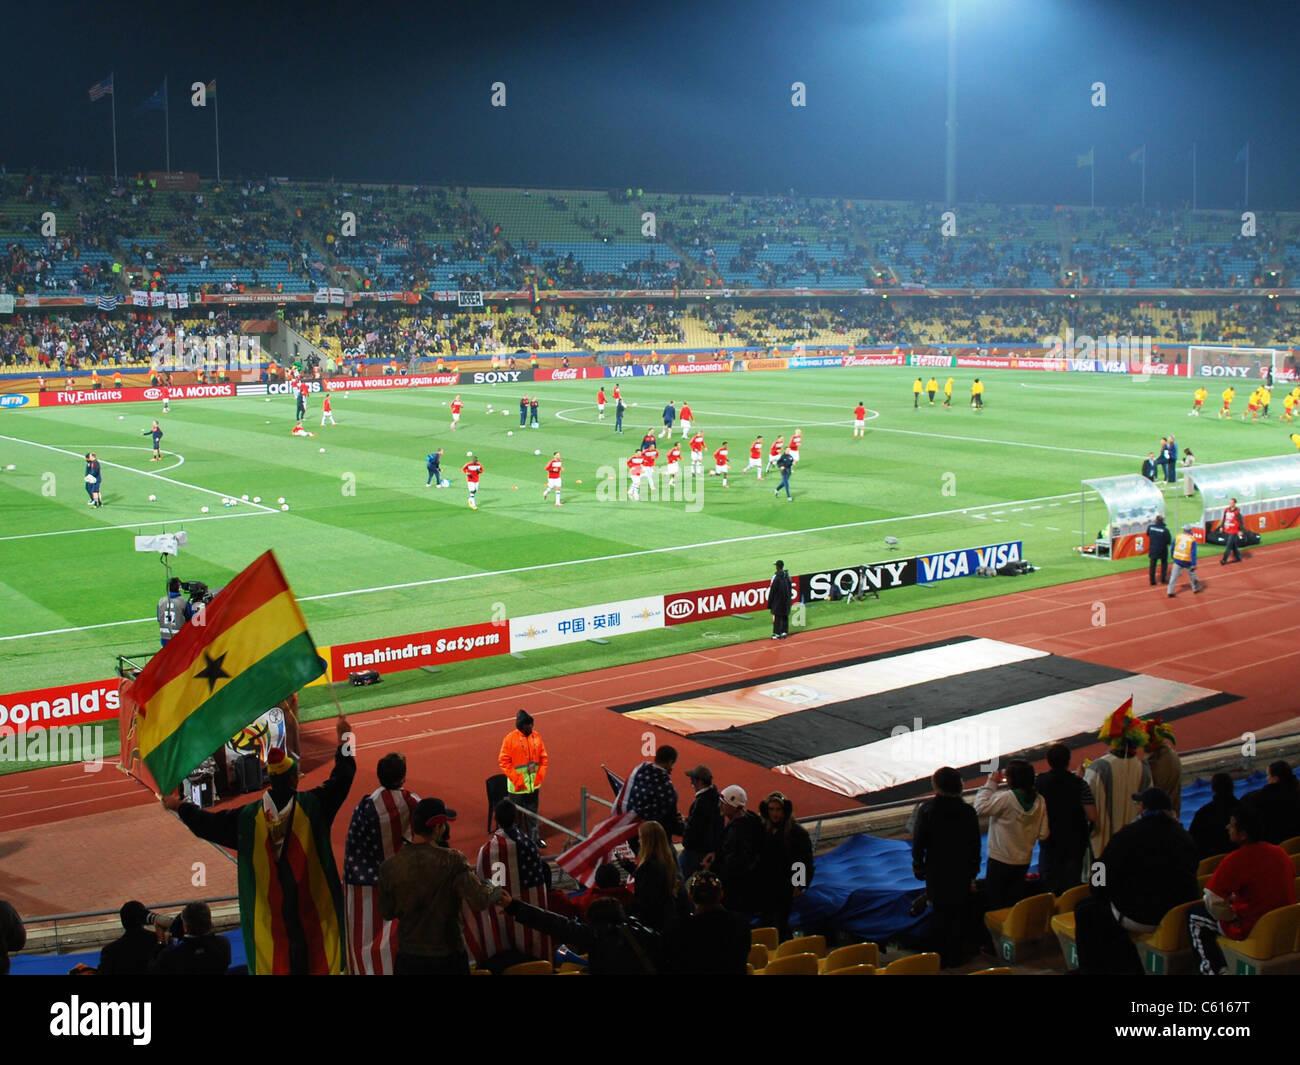 Usa Vs Ghana In Einem Fifa Wm 2010 Fußball Match Bei Der Royal